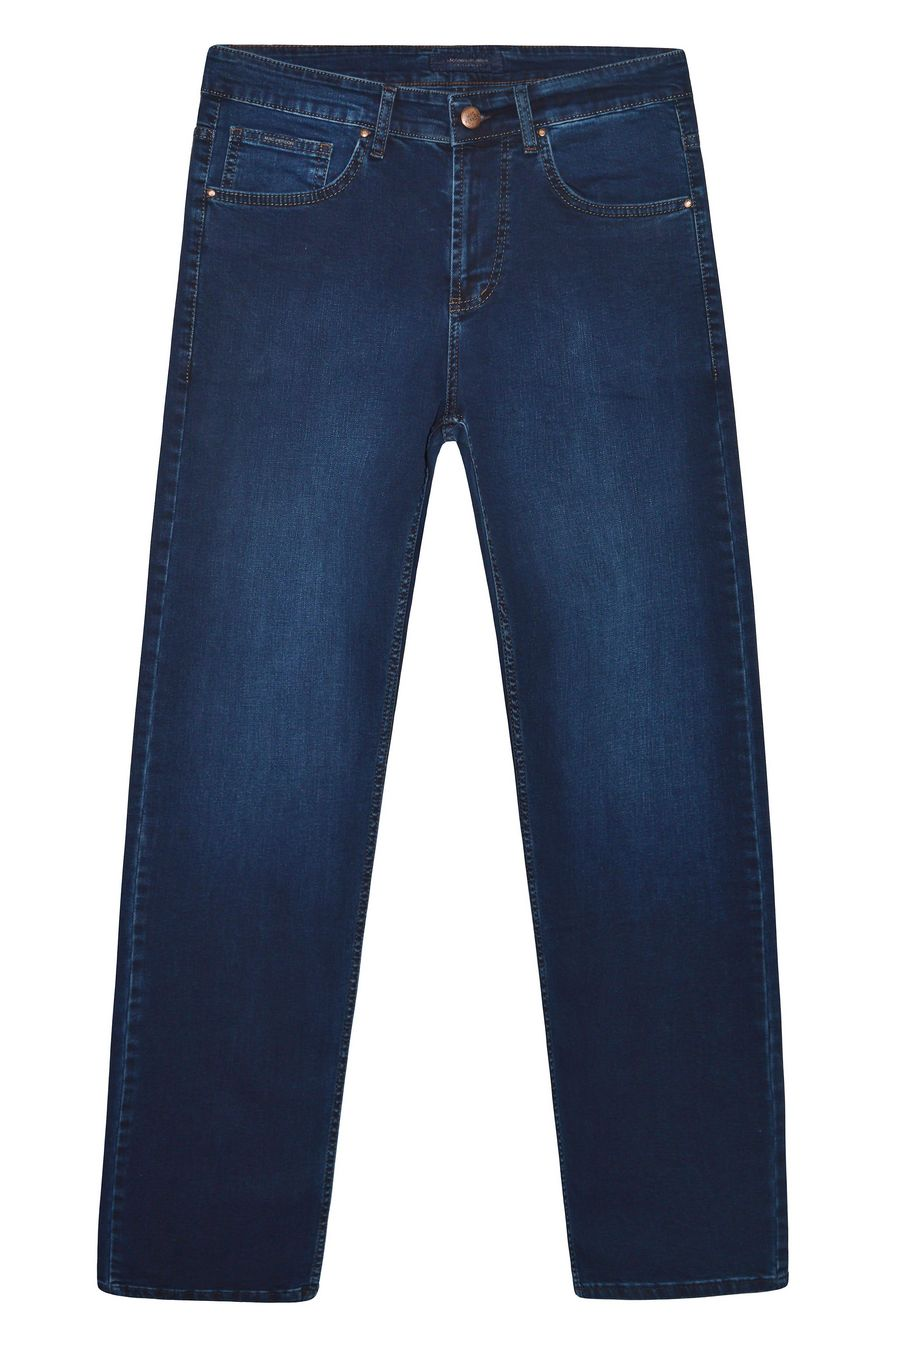 Джинсы мужские MAC Person 2898-12378 Blue Black L34 - фото 1